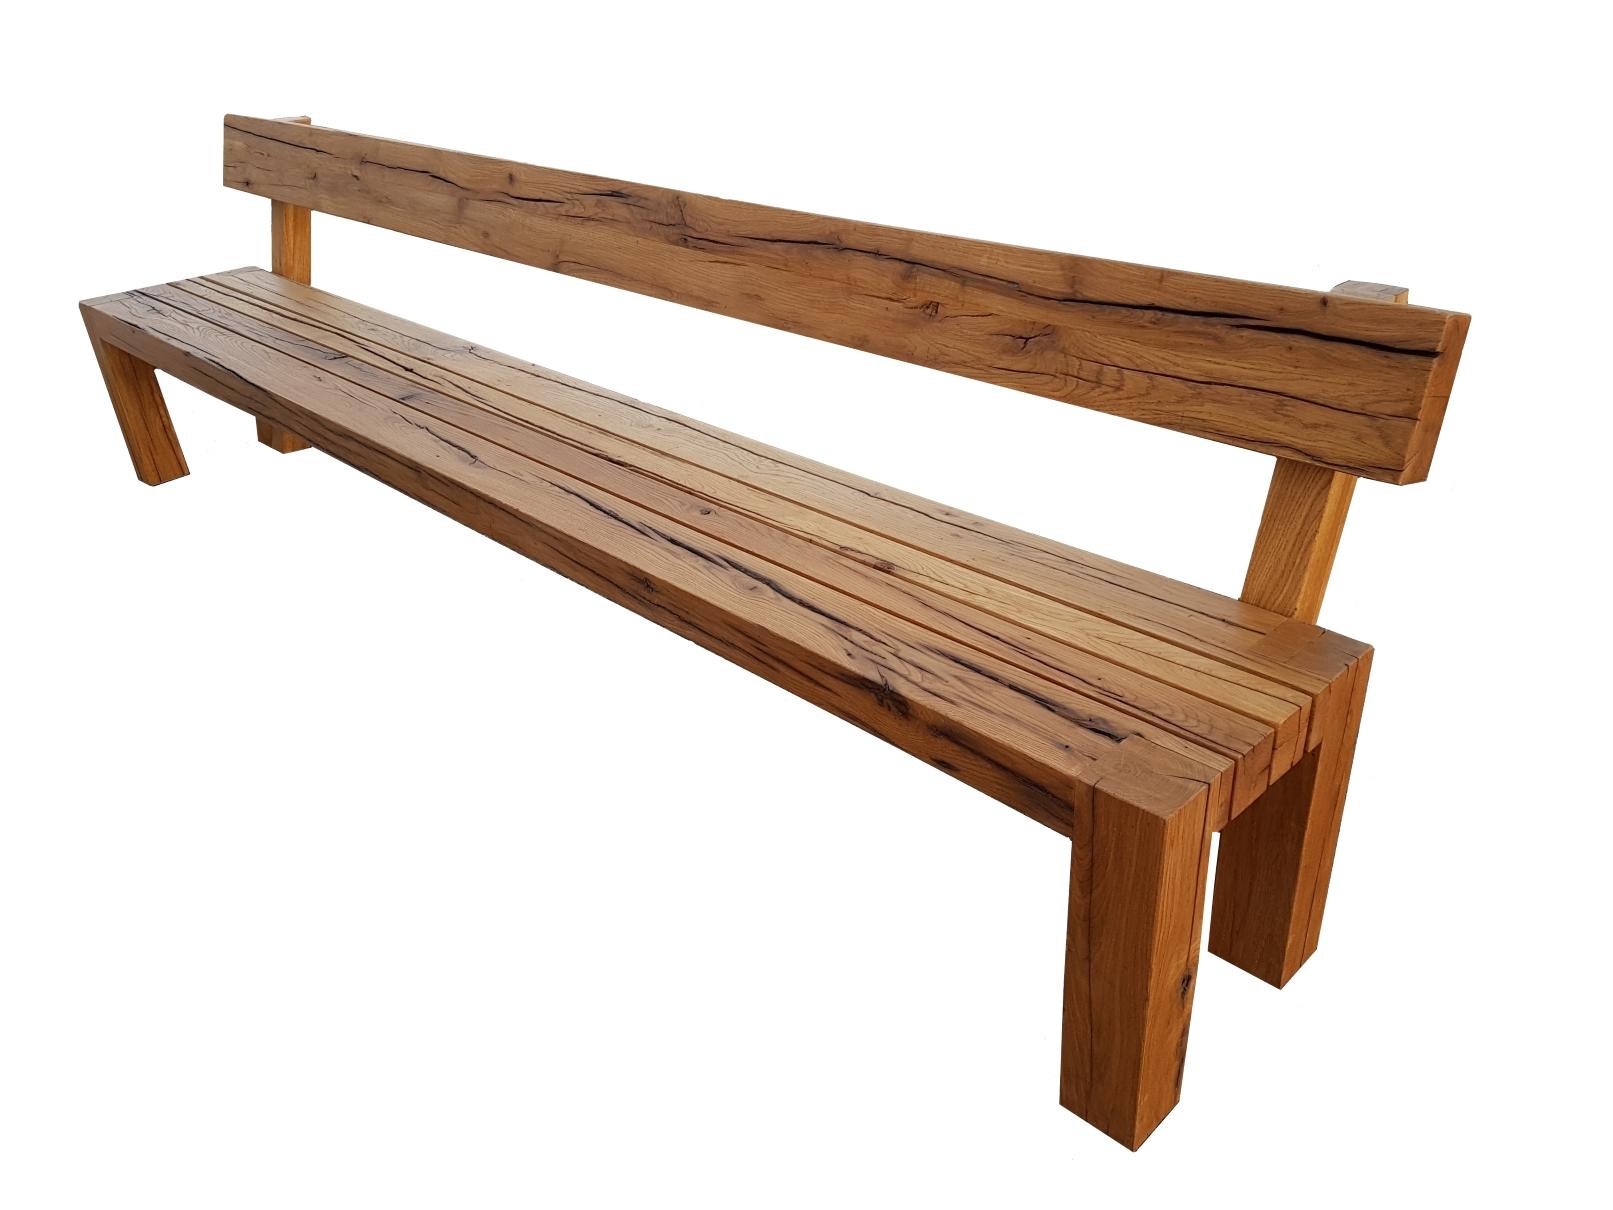 Holzbank mit Rückenlehne Eiche massiv